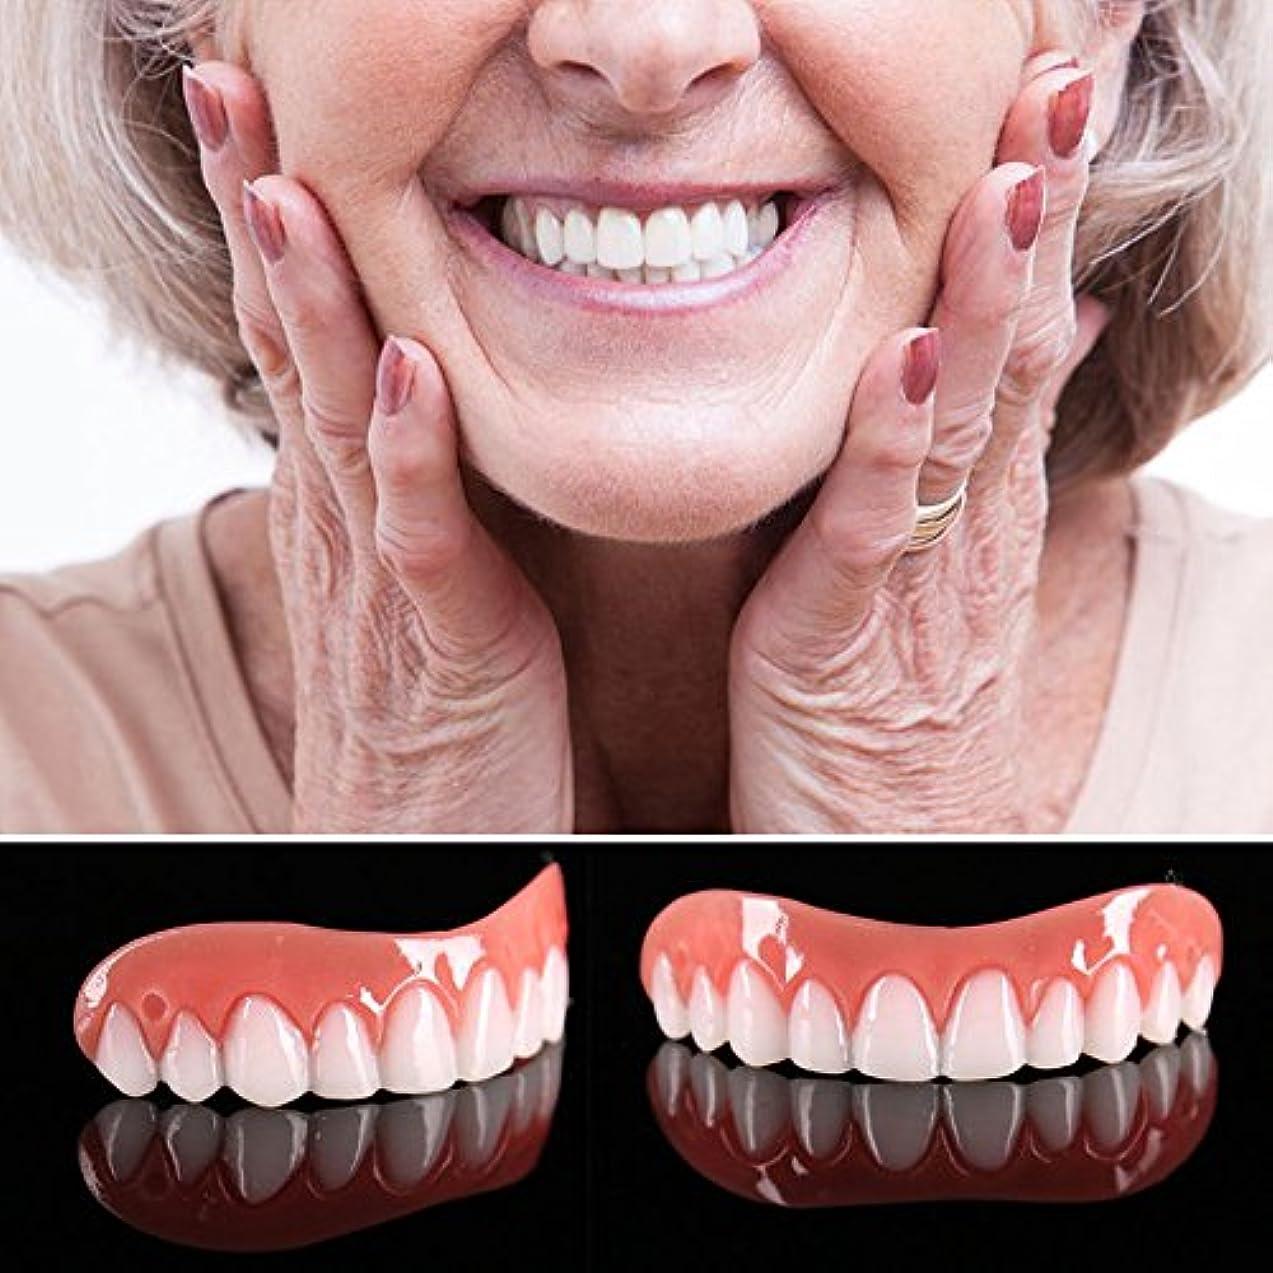 保護動く治療5ピースアッパーフェイク歯科用ベニアコンフォートフィット歯トップ化粧品ベニアワンサイズフィットすべての義歯接着剤歯偽義歯歯笑顔